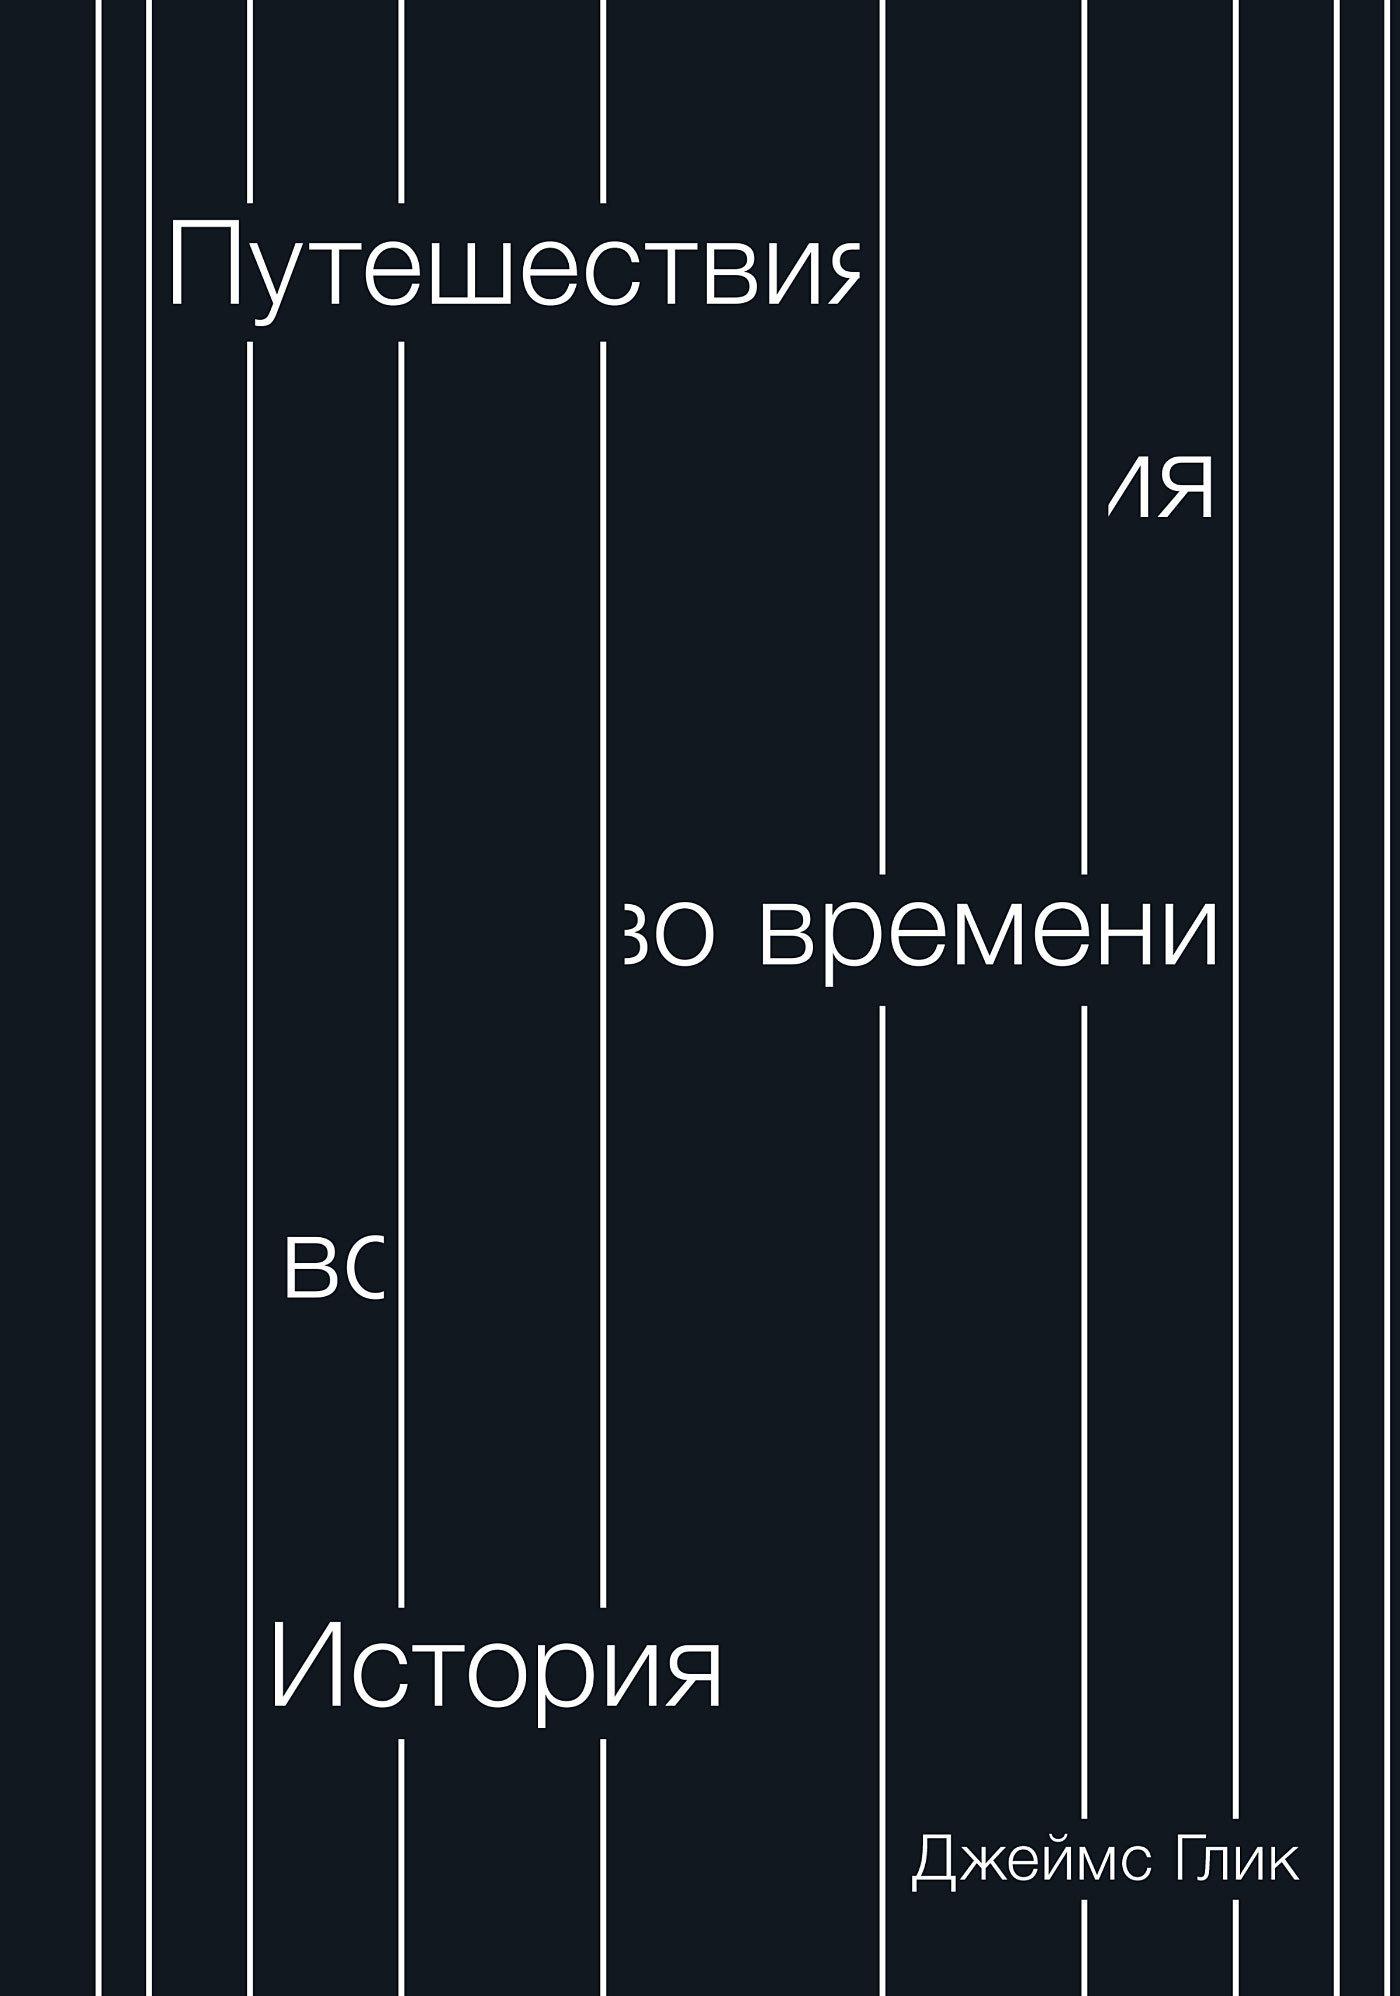 Джеймс Глик - Путешествия во времени. История